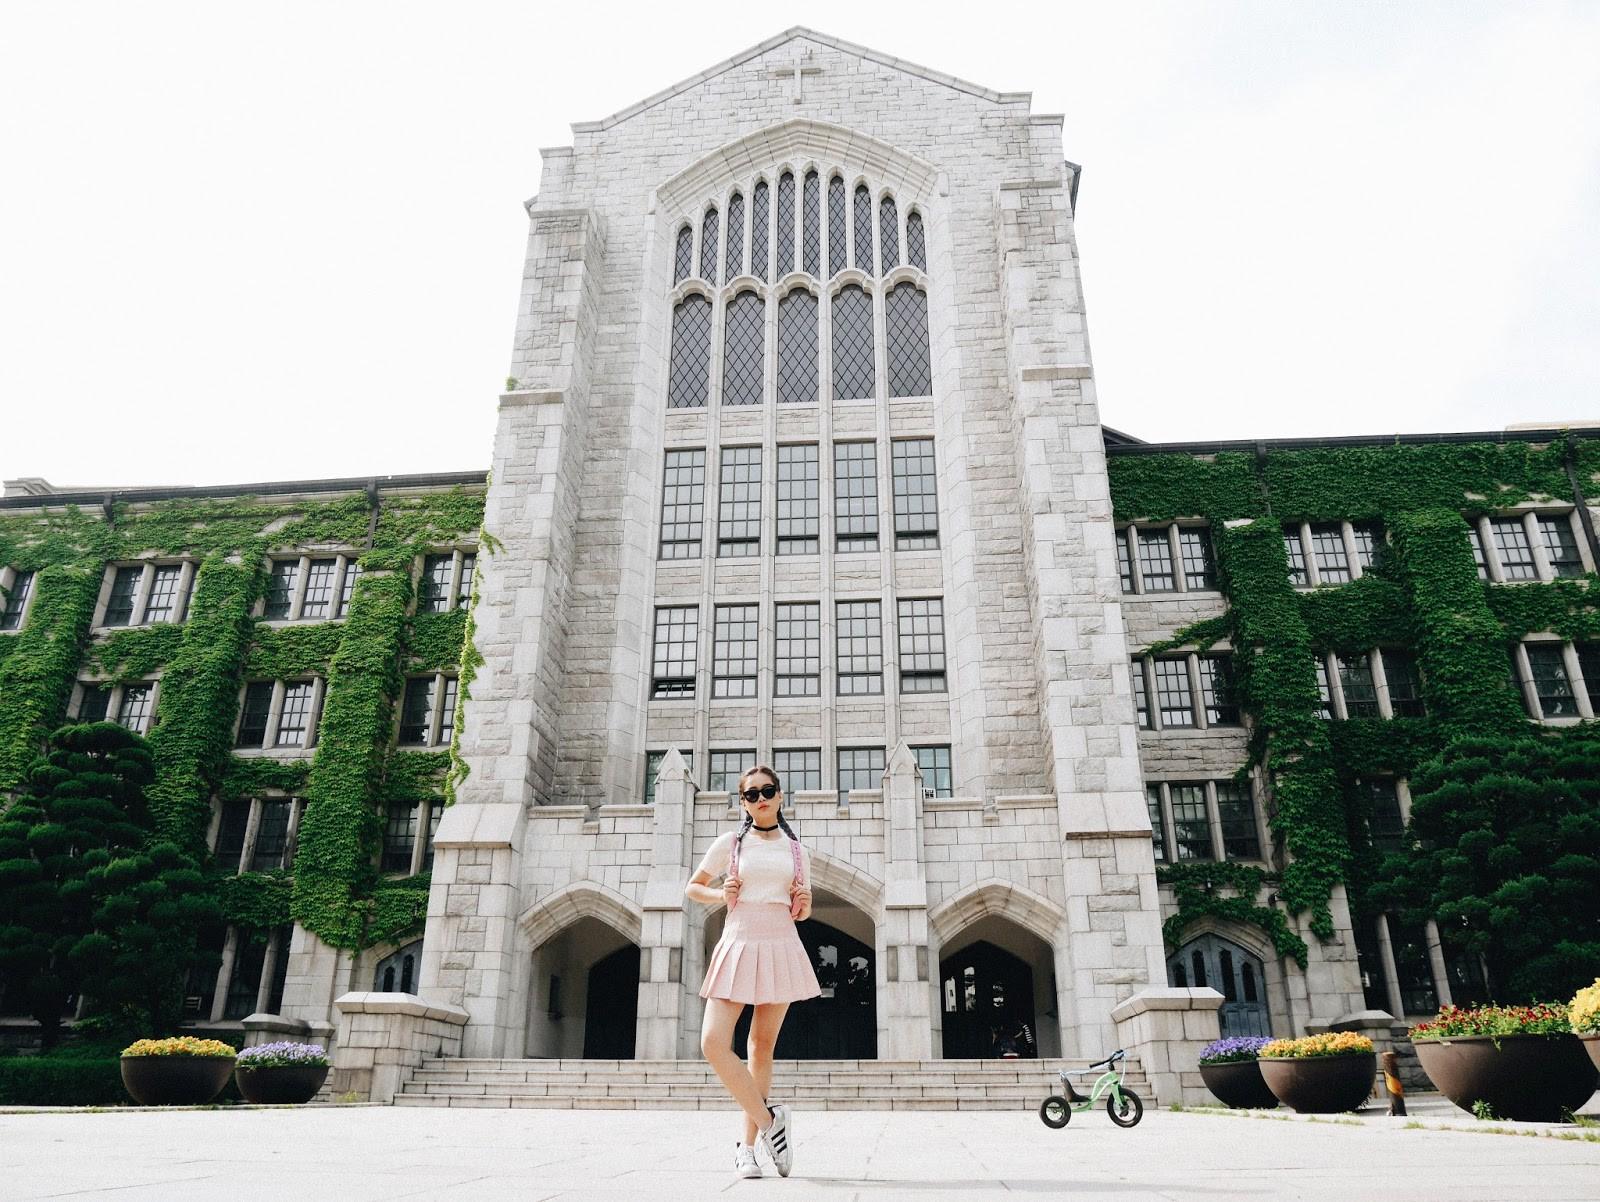 Ký túc xá của Đại học nữ sinh lớn nhất thế giới: Nội thất siêu xịn, sinh viên được phục vụ... tận răng-2